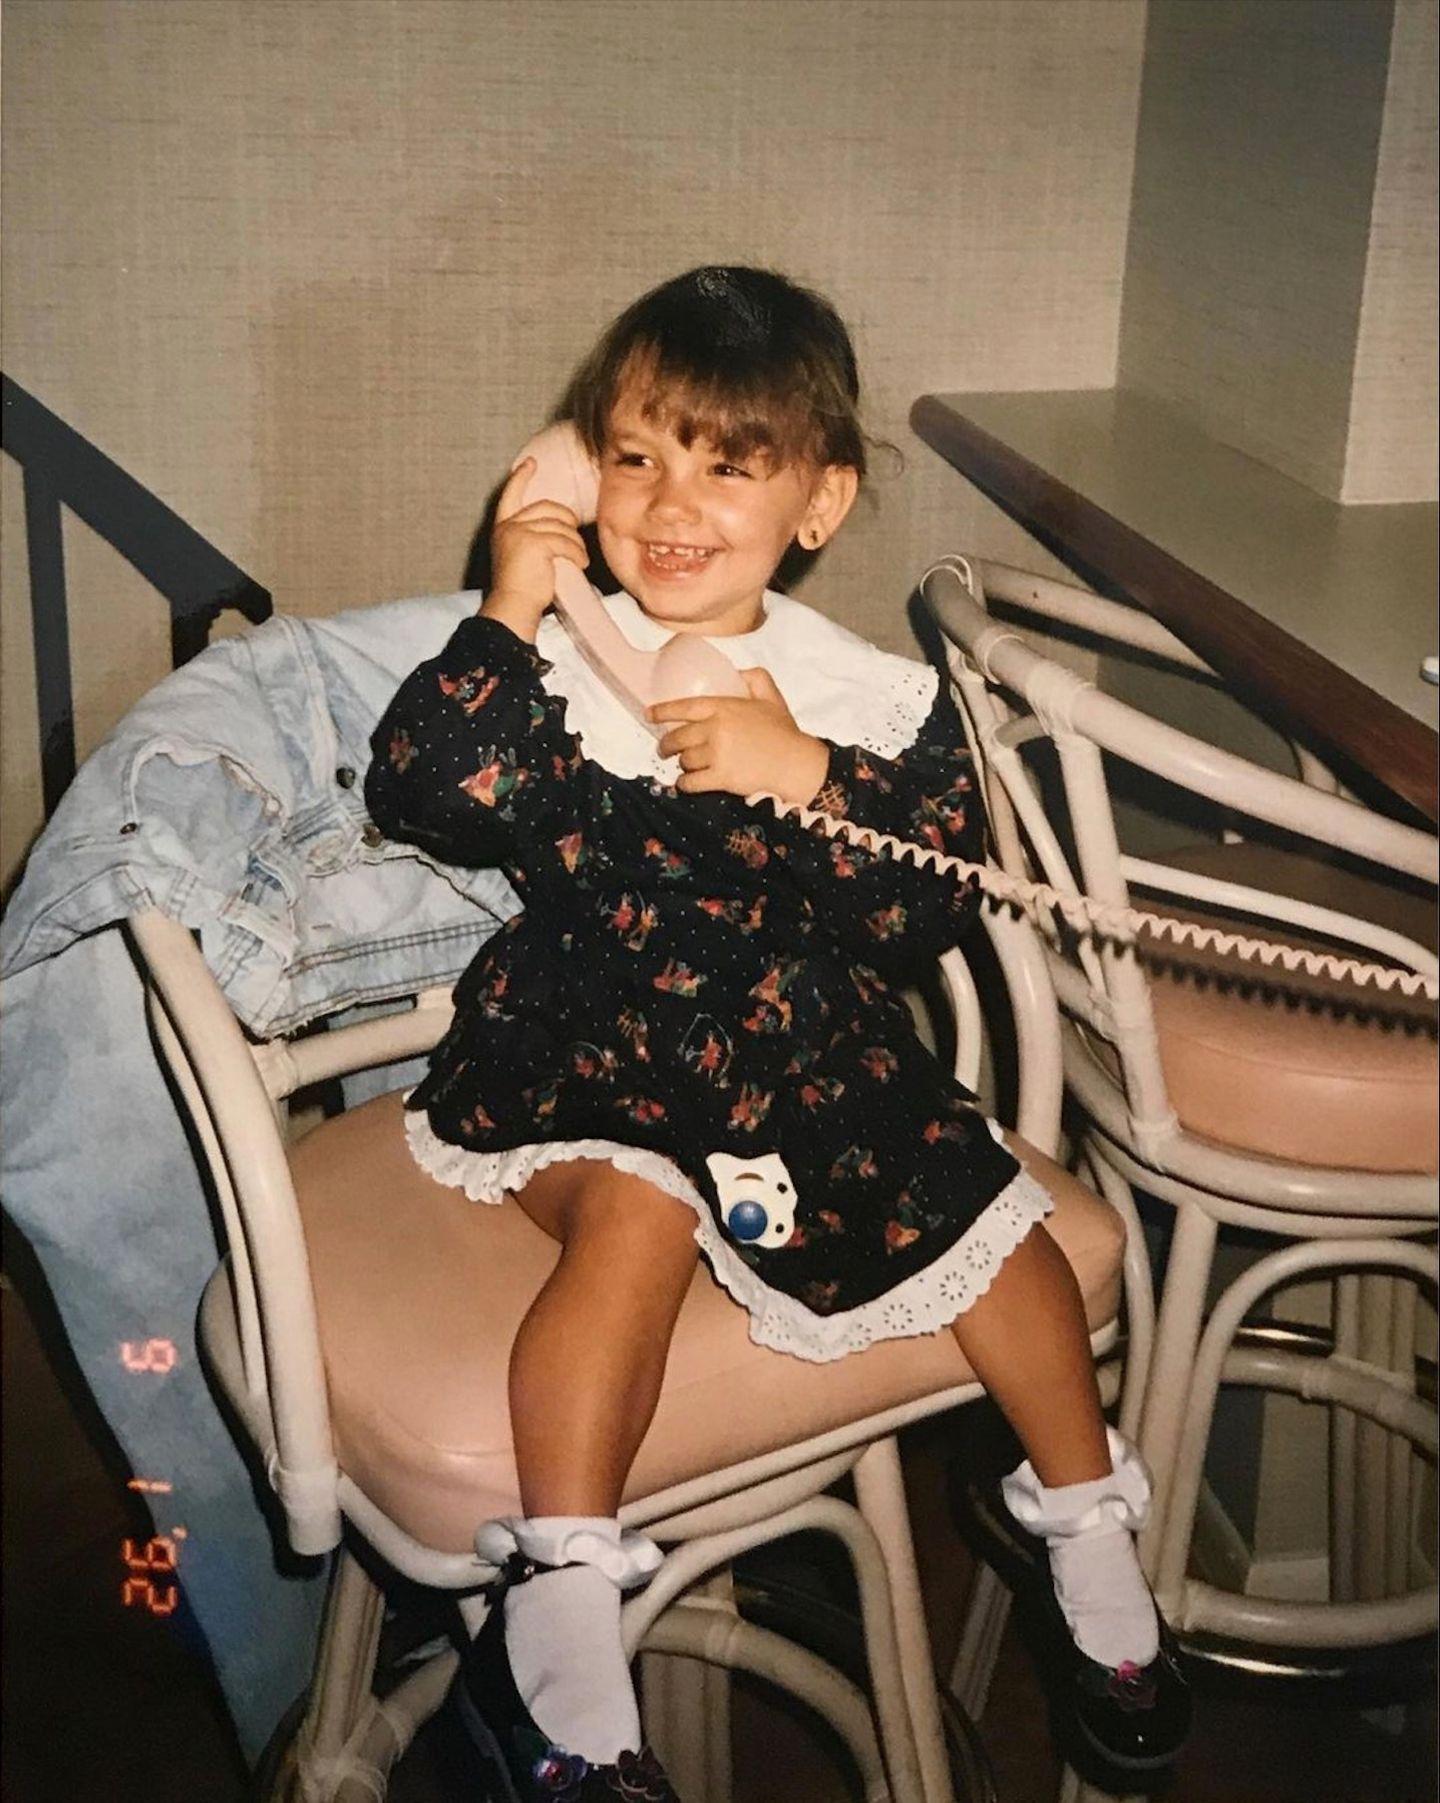 """Janina Uhse  Mit diesem zuckersüßen Kinderbild verrät die ehemalige GZSZ-Schauspielerin, was sie am liebsten zum Frühstück isst - und das ist ebenfalls zuckersüß. Denn auf Instagram schreibt sie: """"Einmal Pancakes und eine heiße Schokolade. Danke! Was wäre euer liebstes Frühstück heute?"""""""